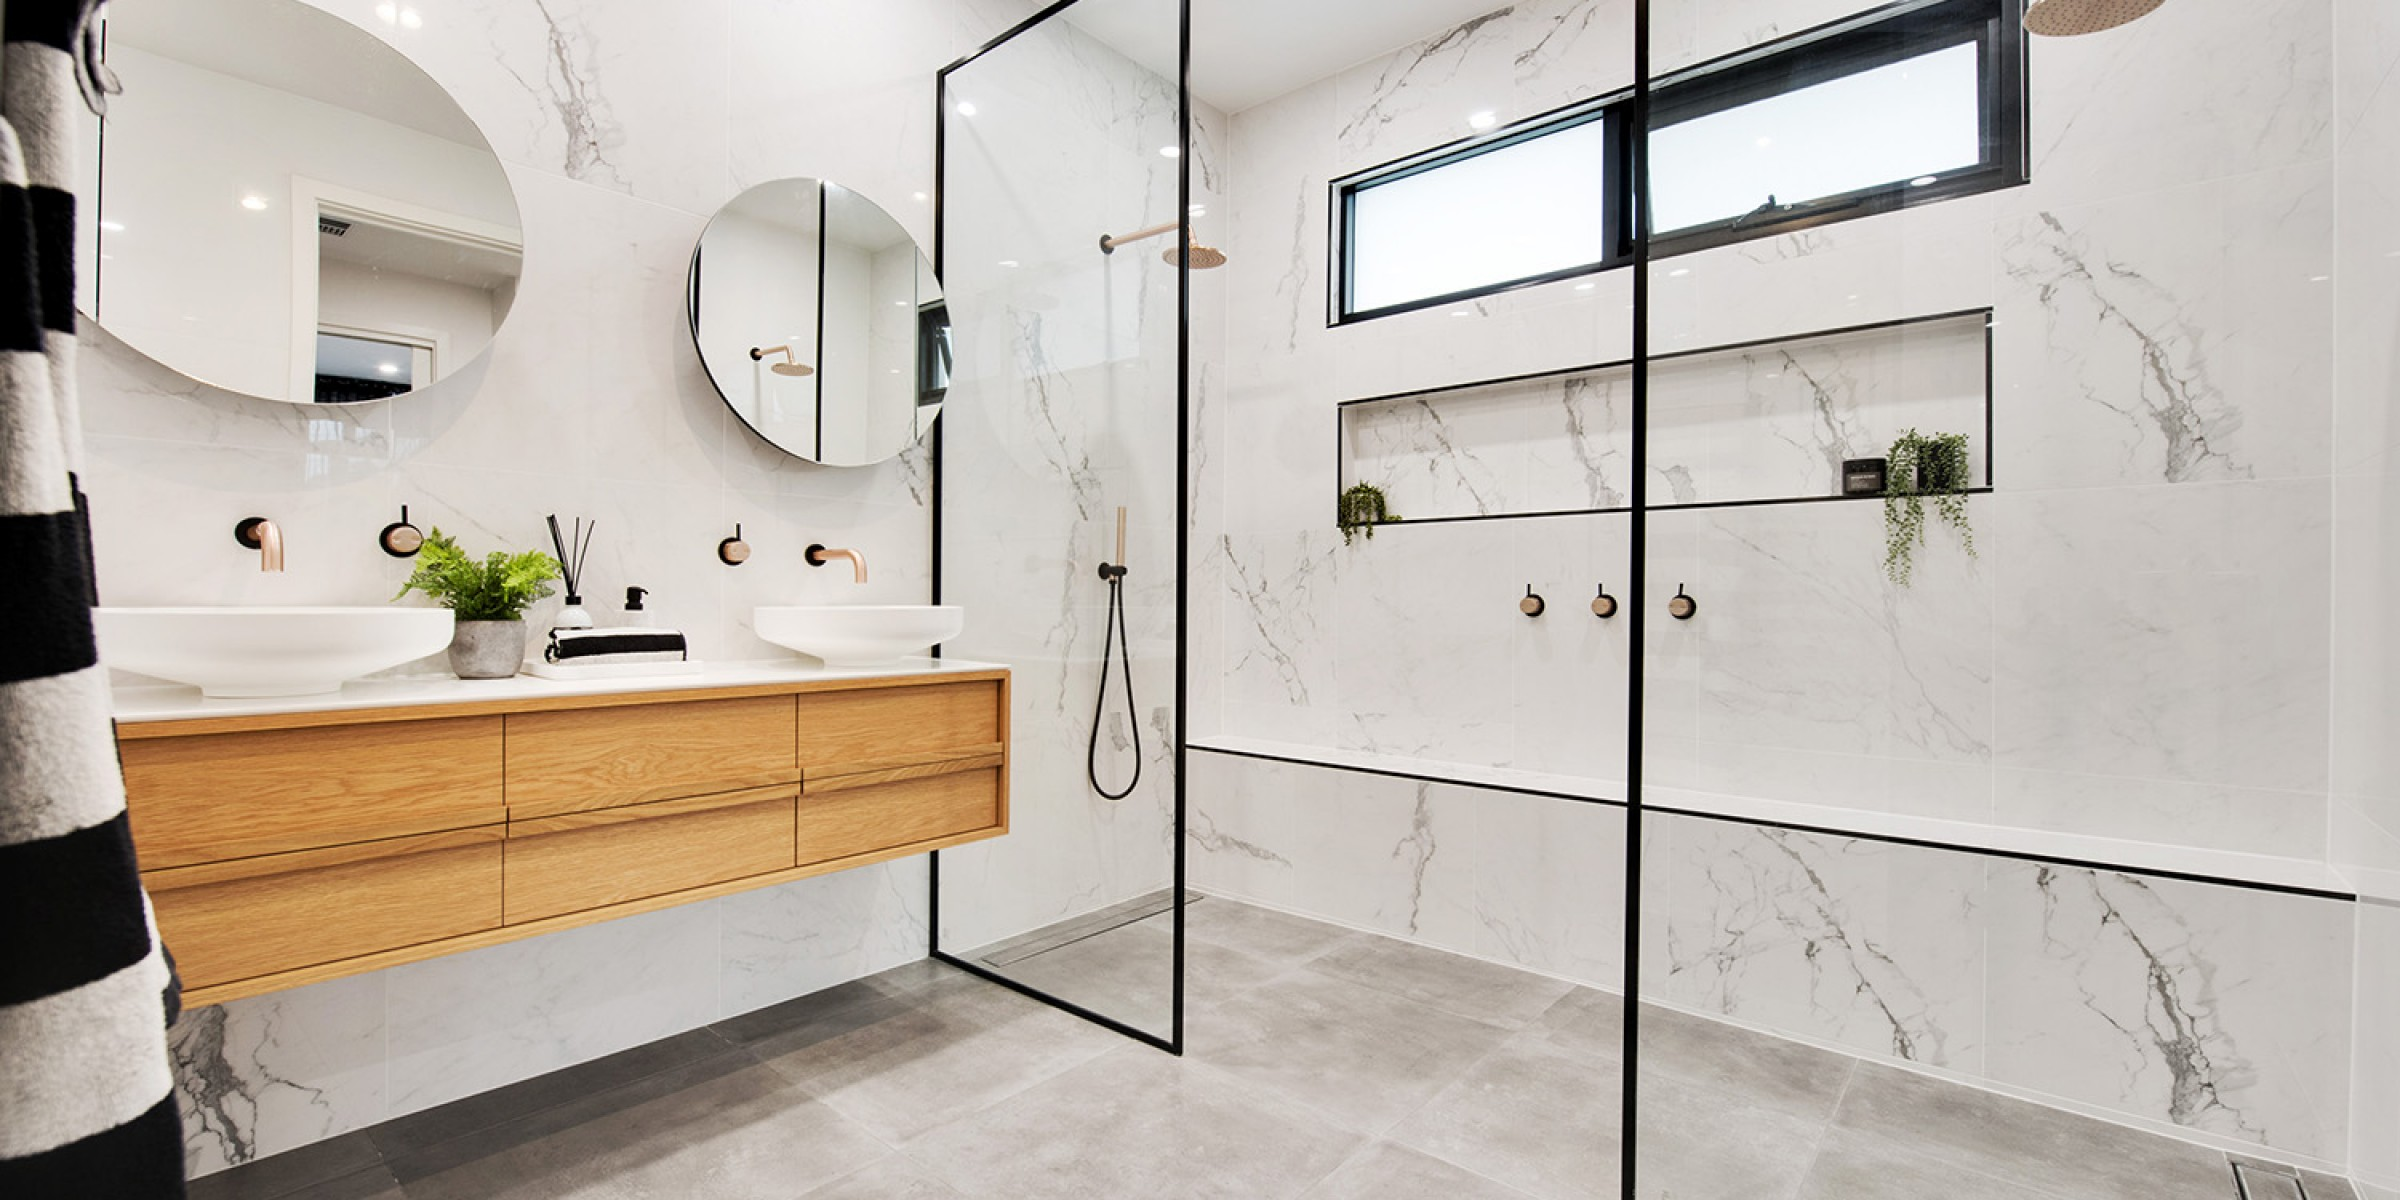 Moore Street Residence Somerton Park bathroom details